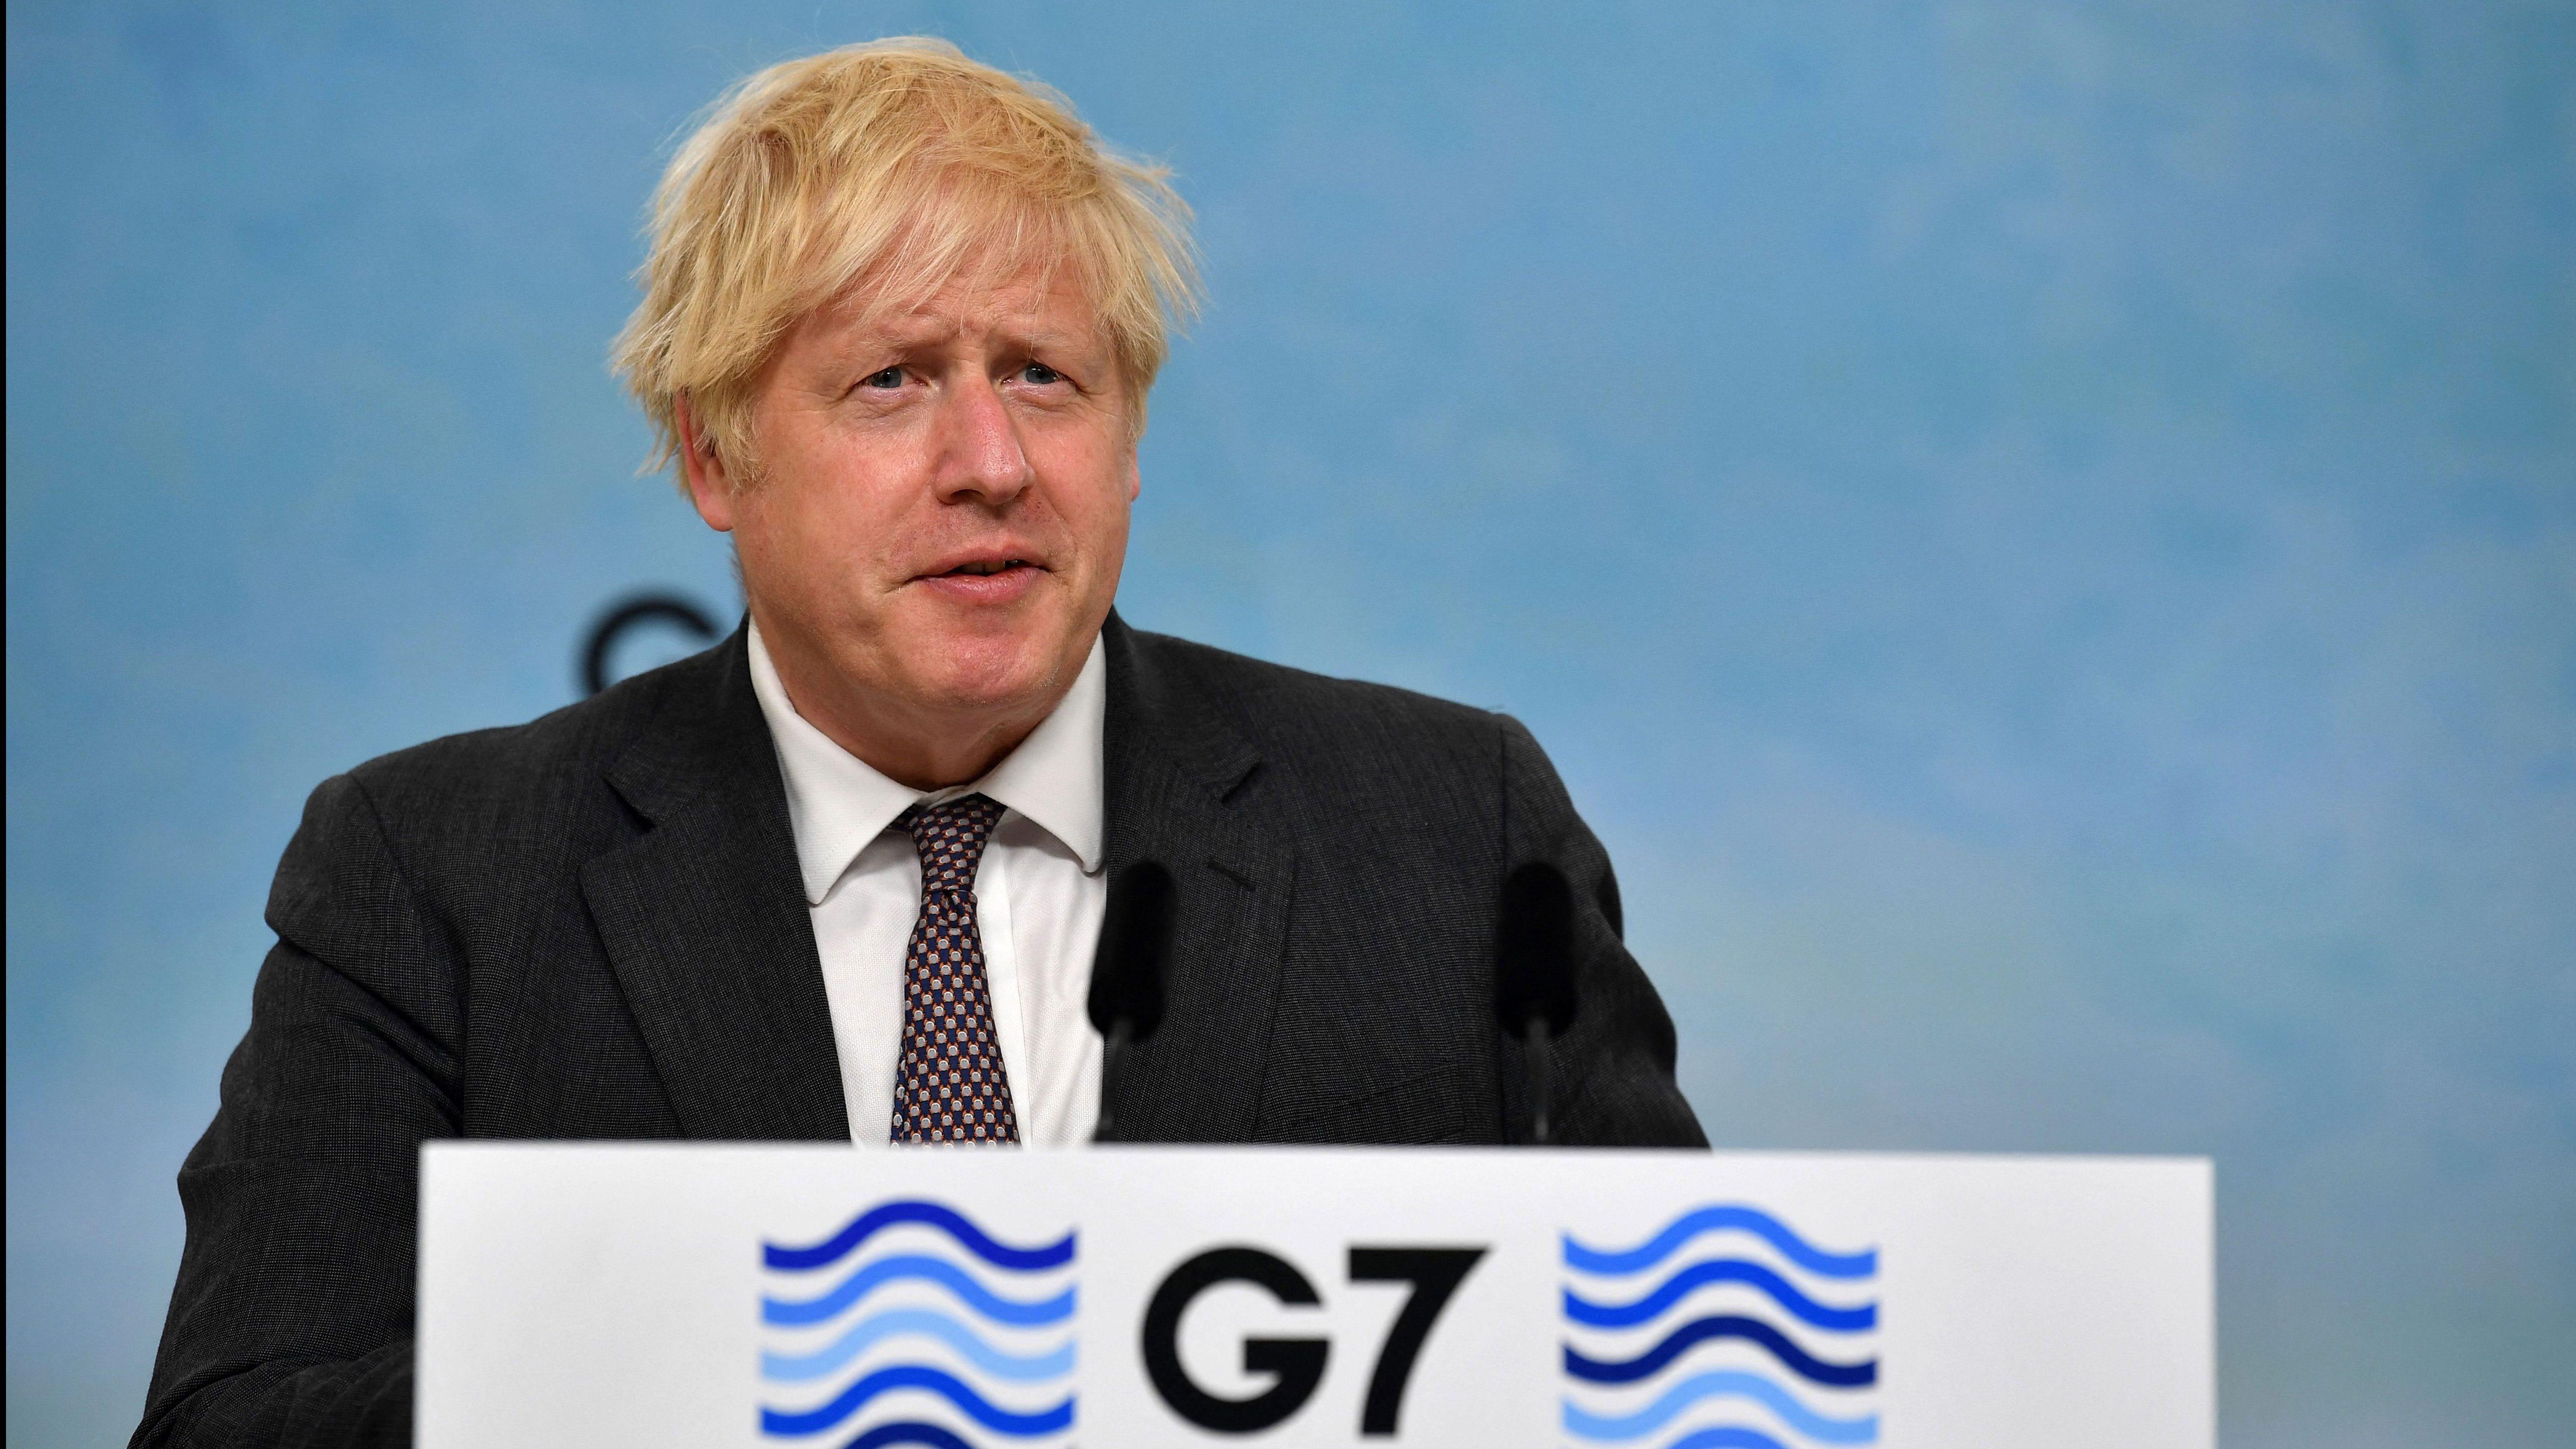 Países del G7 prometen más de 1.000 millones de dosis de vacuna contra el covid-19 para el resto del mundo, dice Boris Johnson